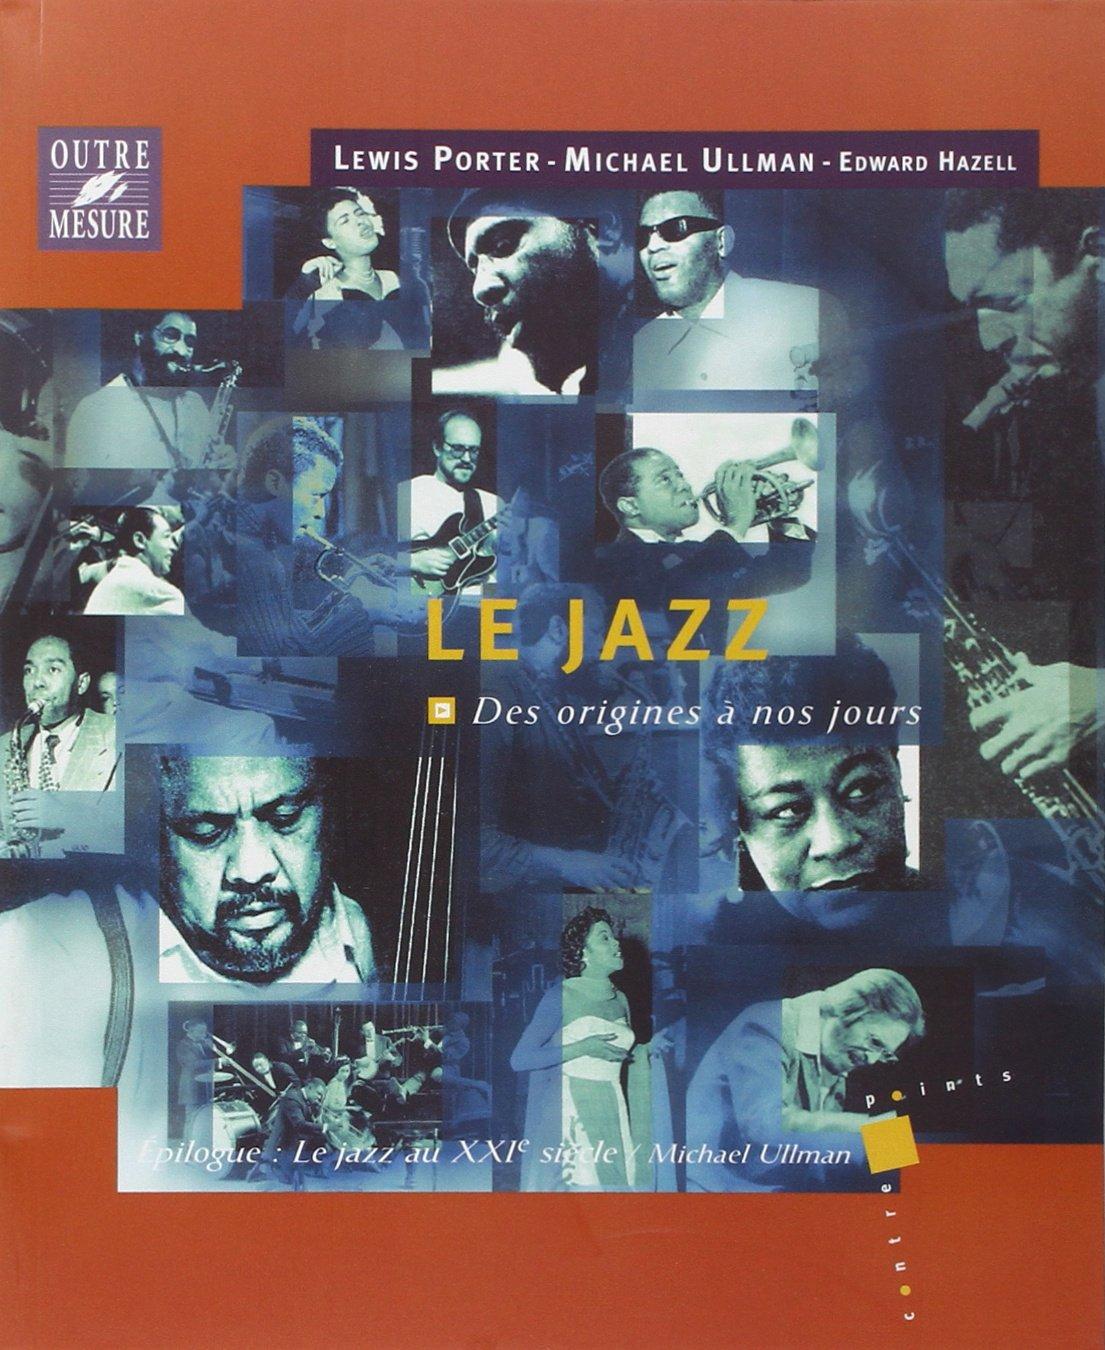 Le Jazz des origines a nos jours por Lewis Porter